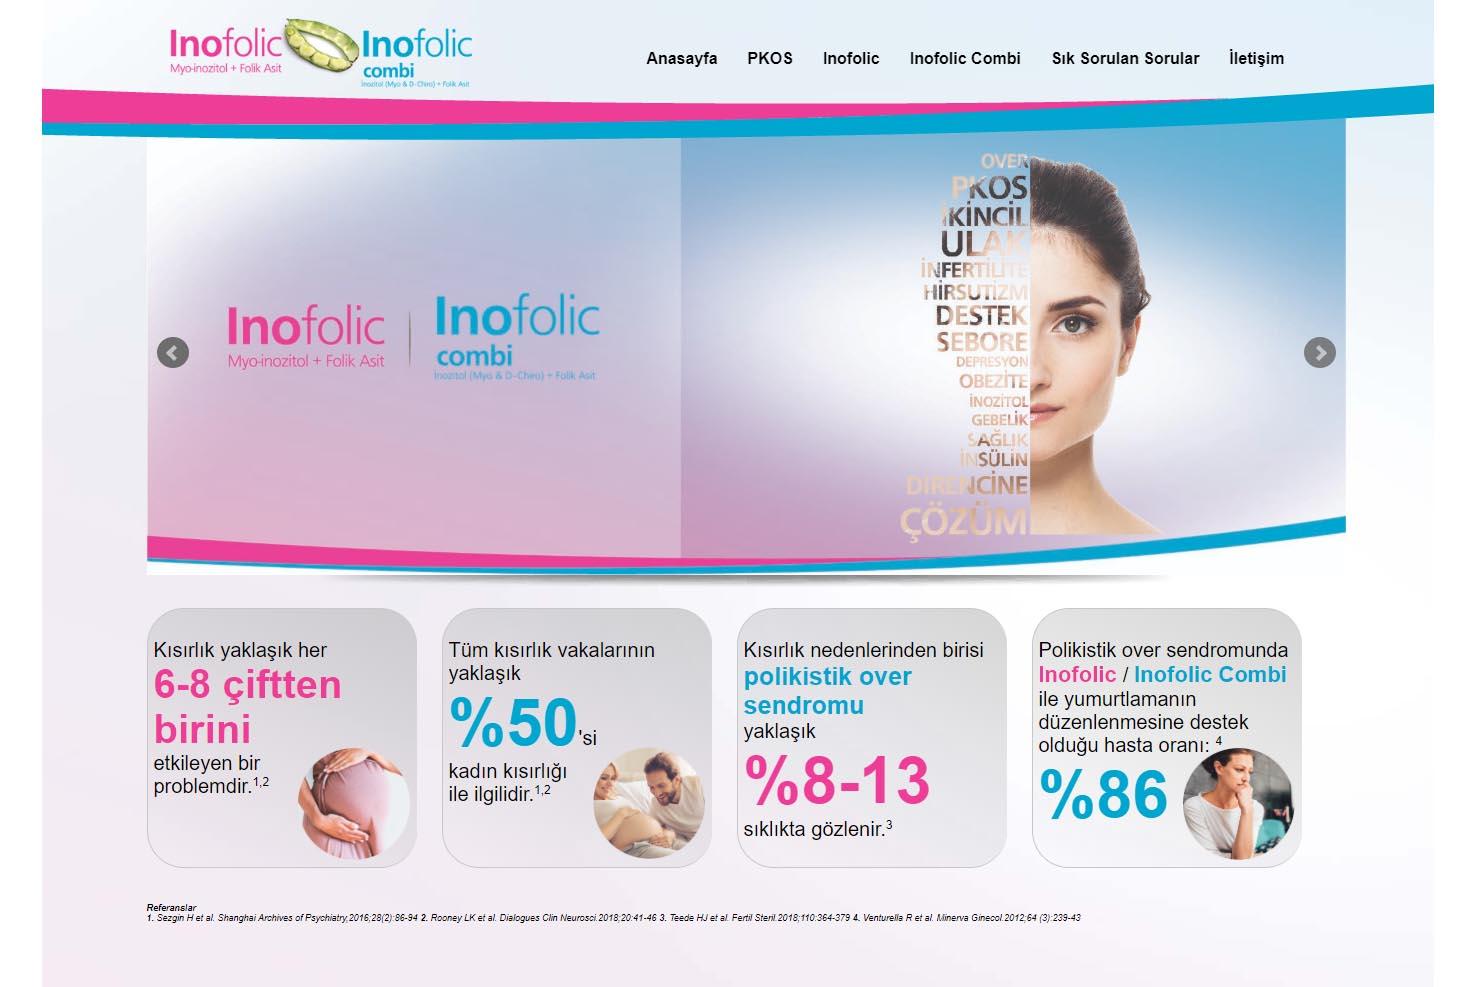 Inofolic & Inofolic Combi Web Sitesi